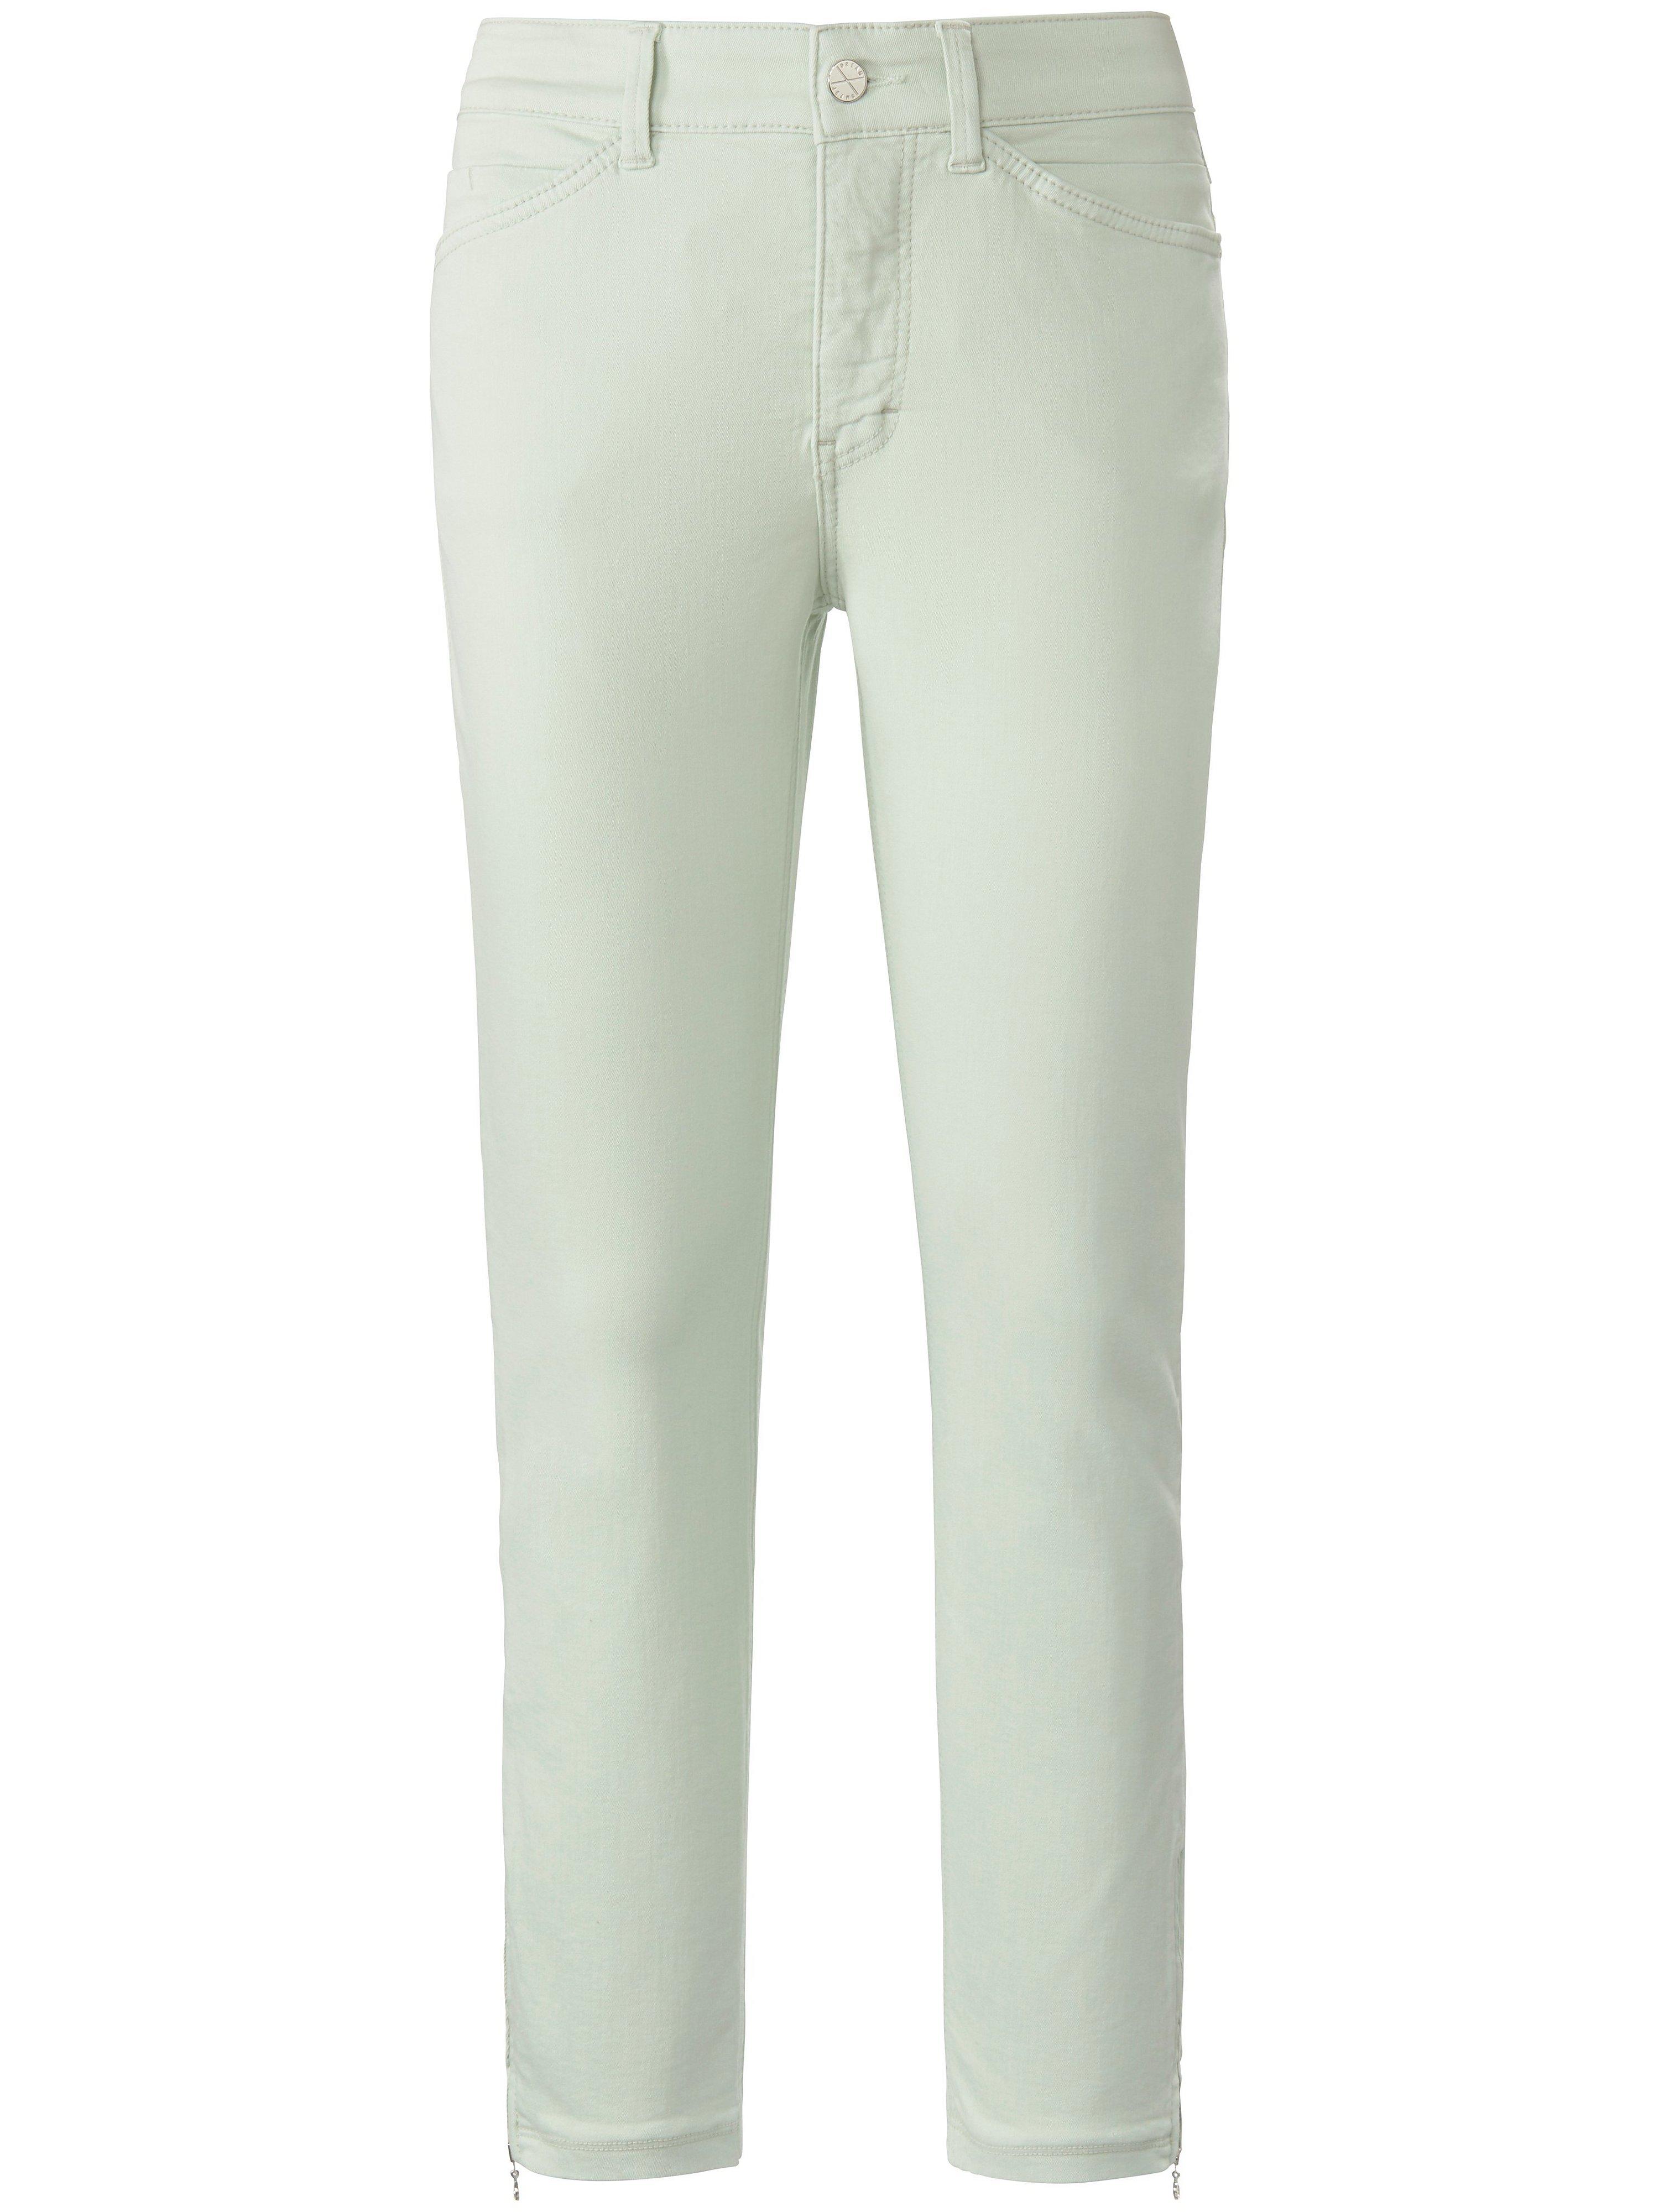 Jeans Dream Chic extra smalle pijpen Van Mac groen